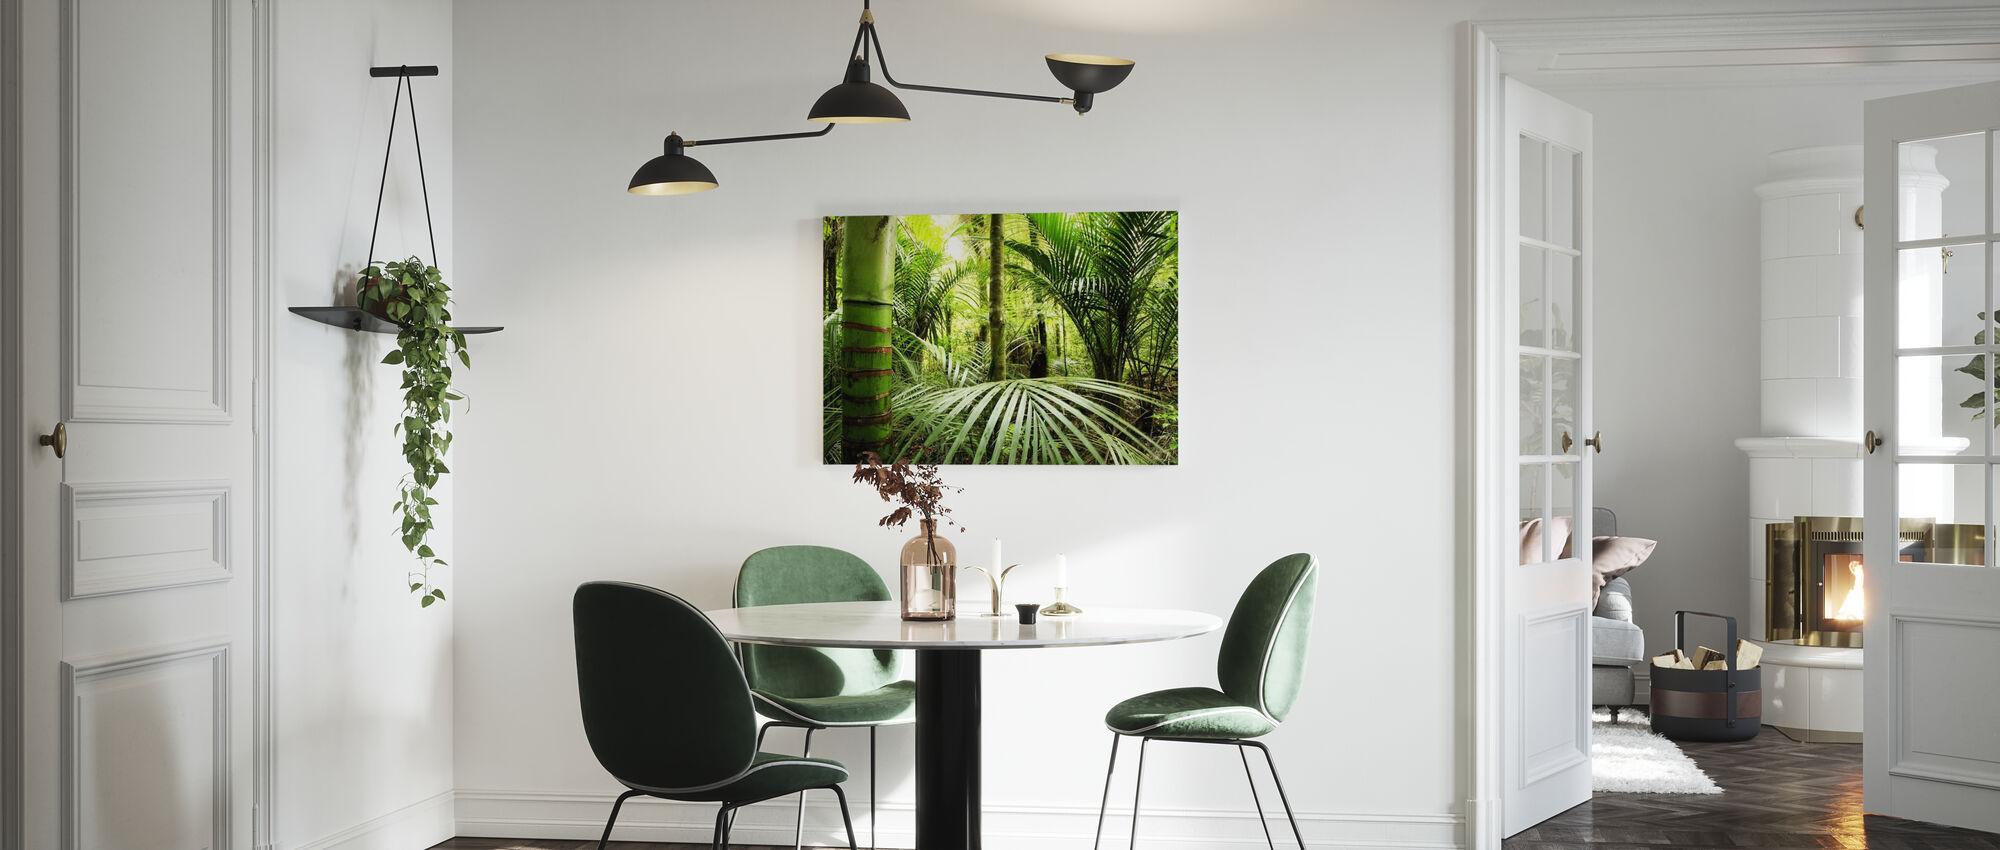 Vegetatie - Canvas print - Keuken